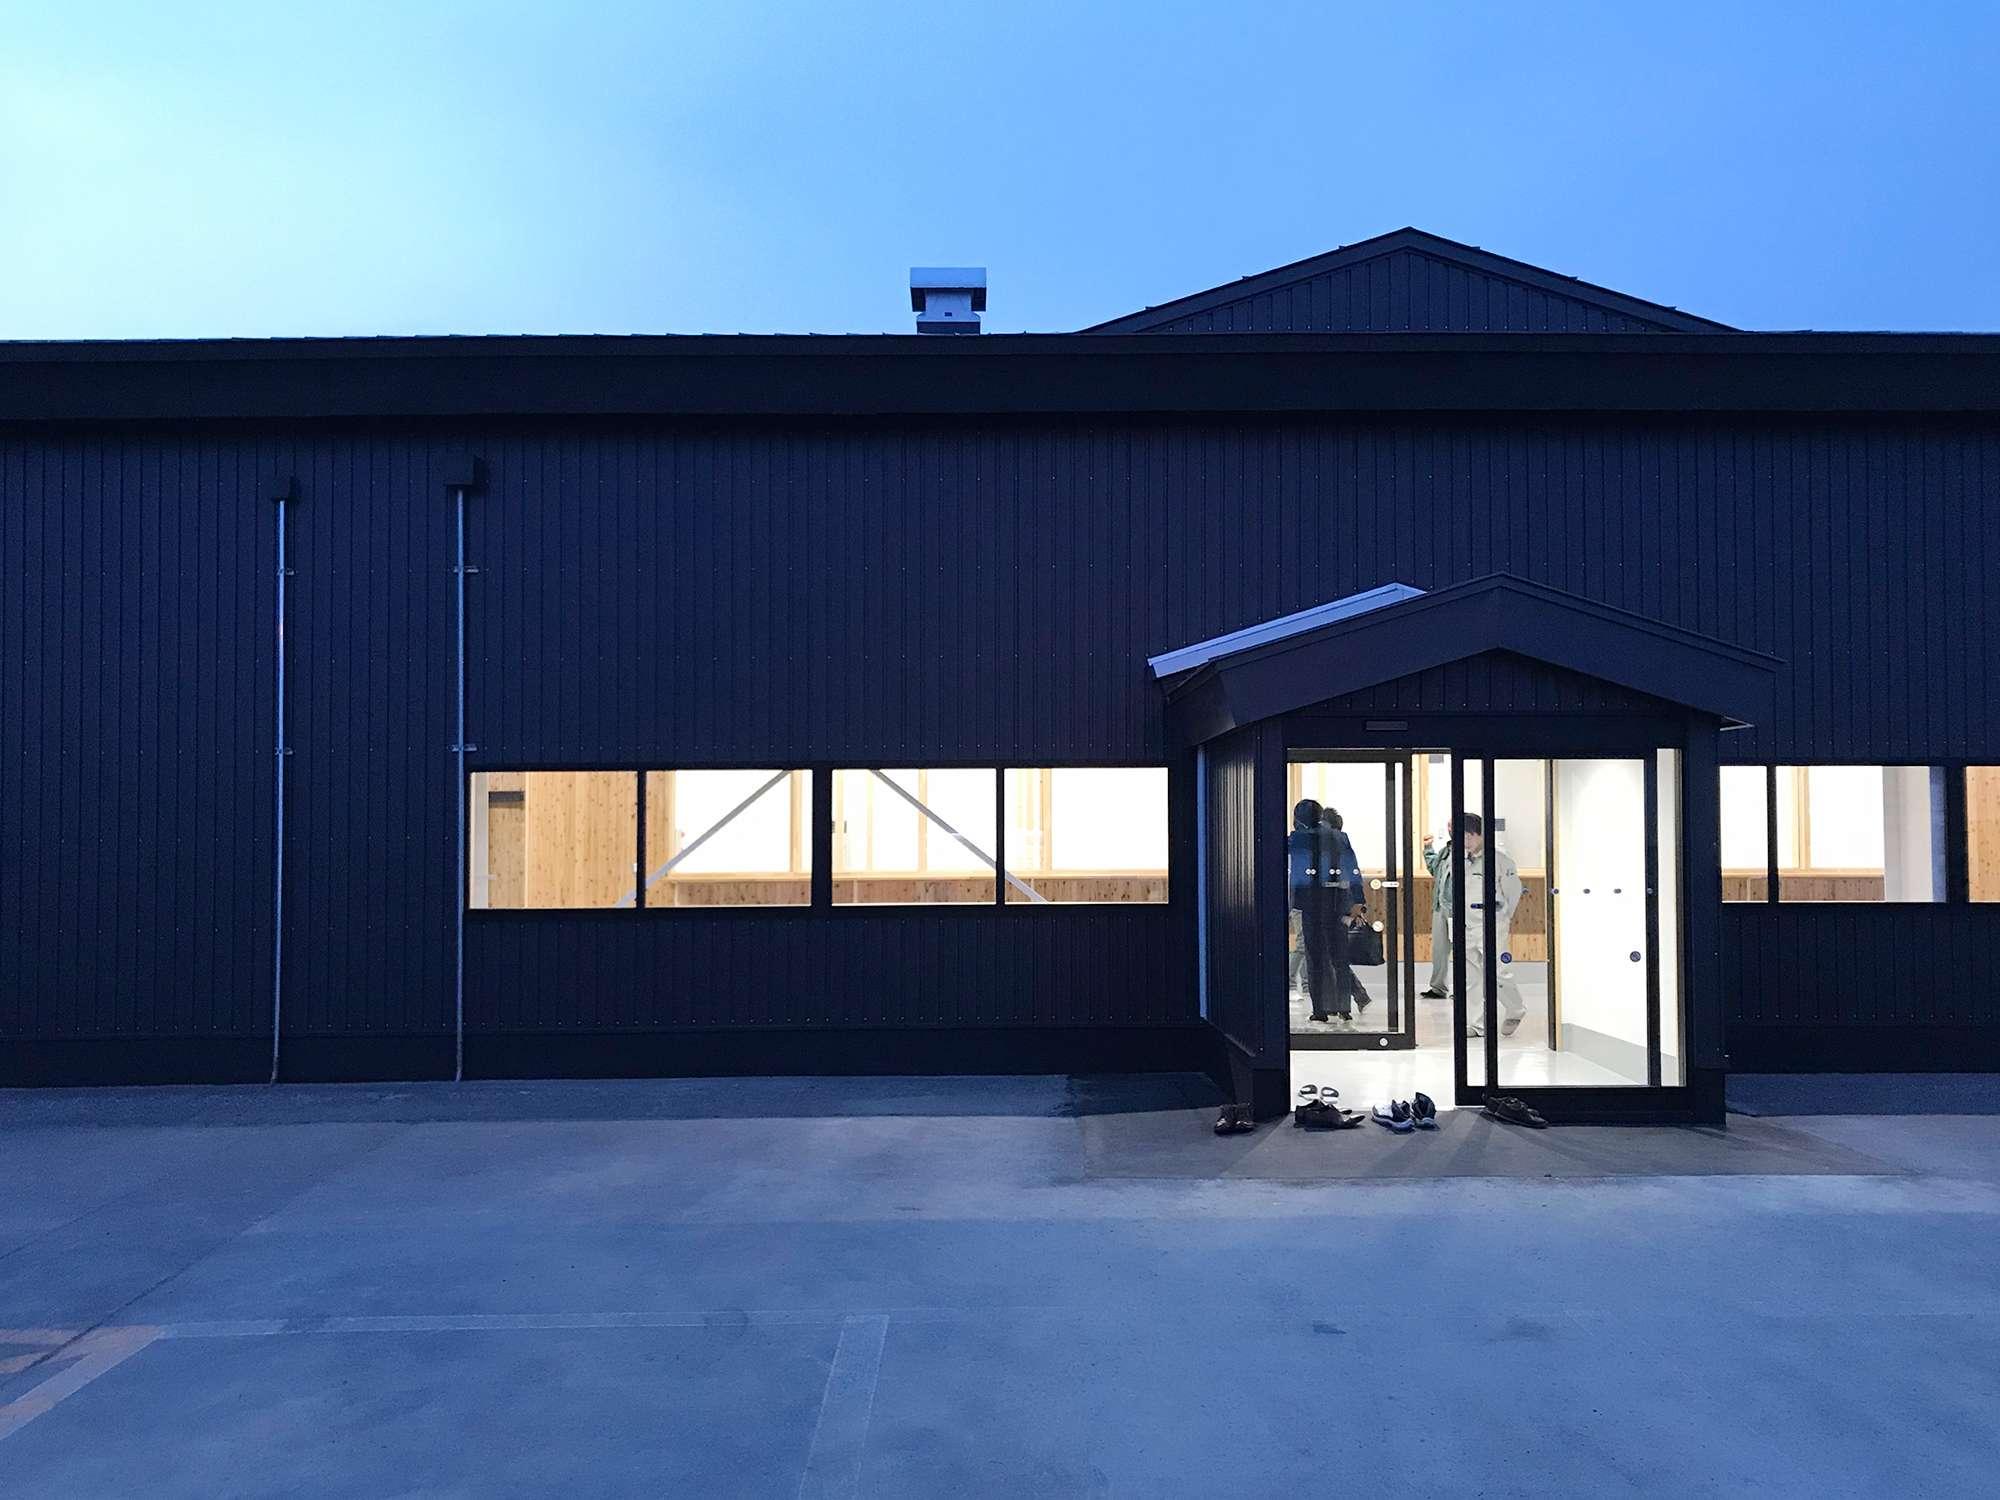 十勝ワインC倉庫 / スパークリングワイン醸造所 - Warehouse